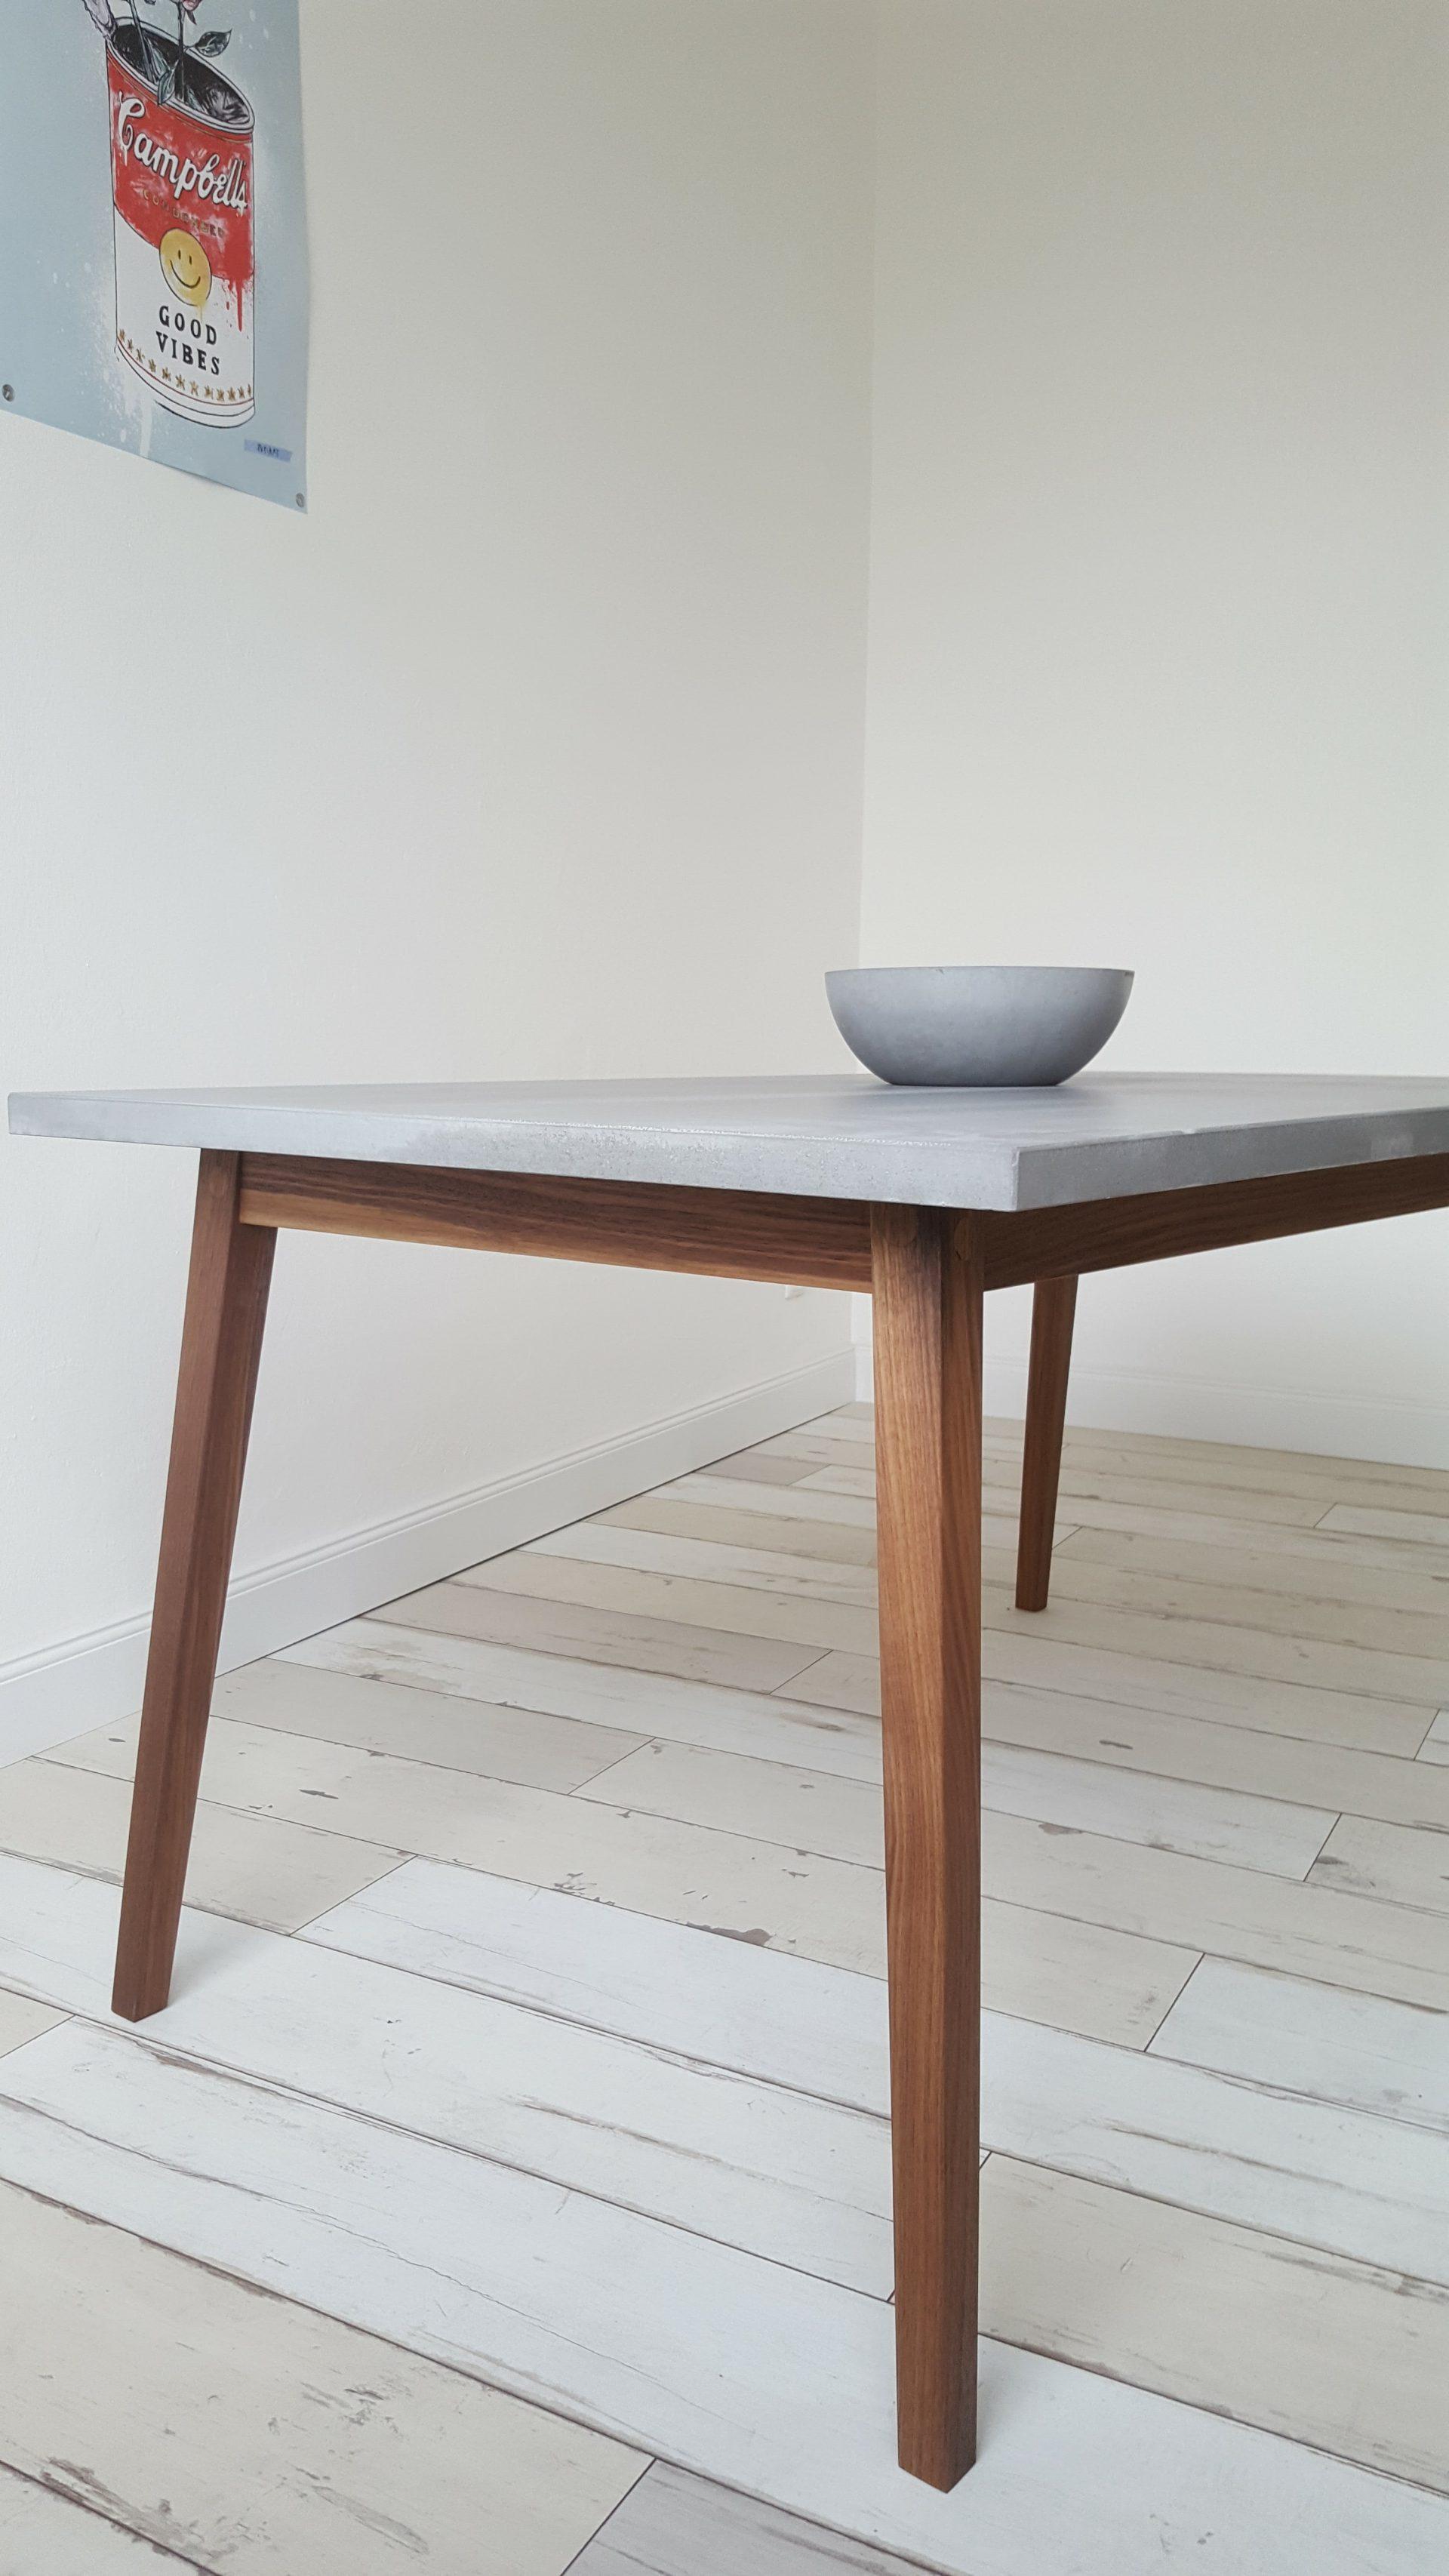 Skandinavischer esstisch aus beton und holz b k design - Gartenbank aus beton und holz ...